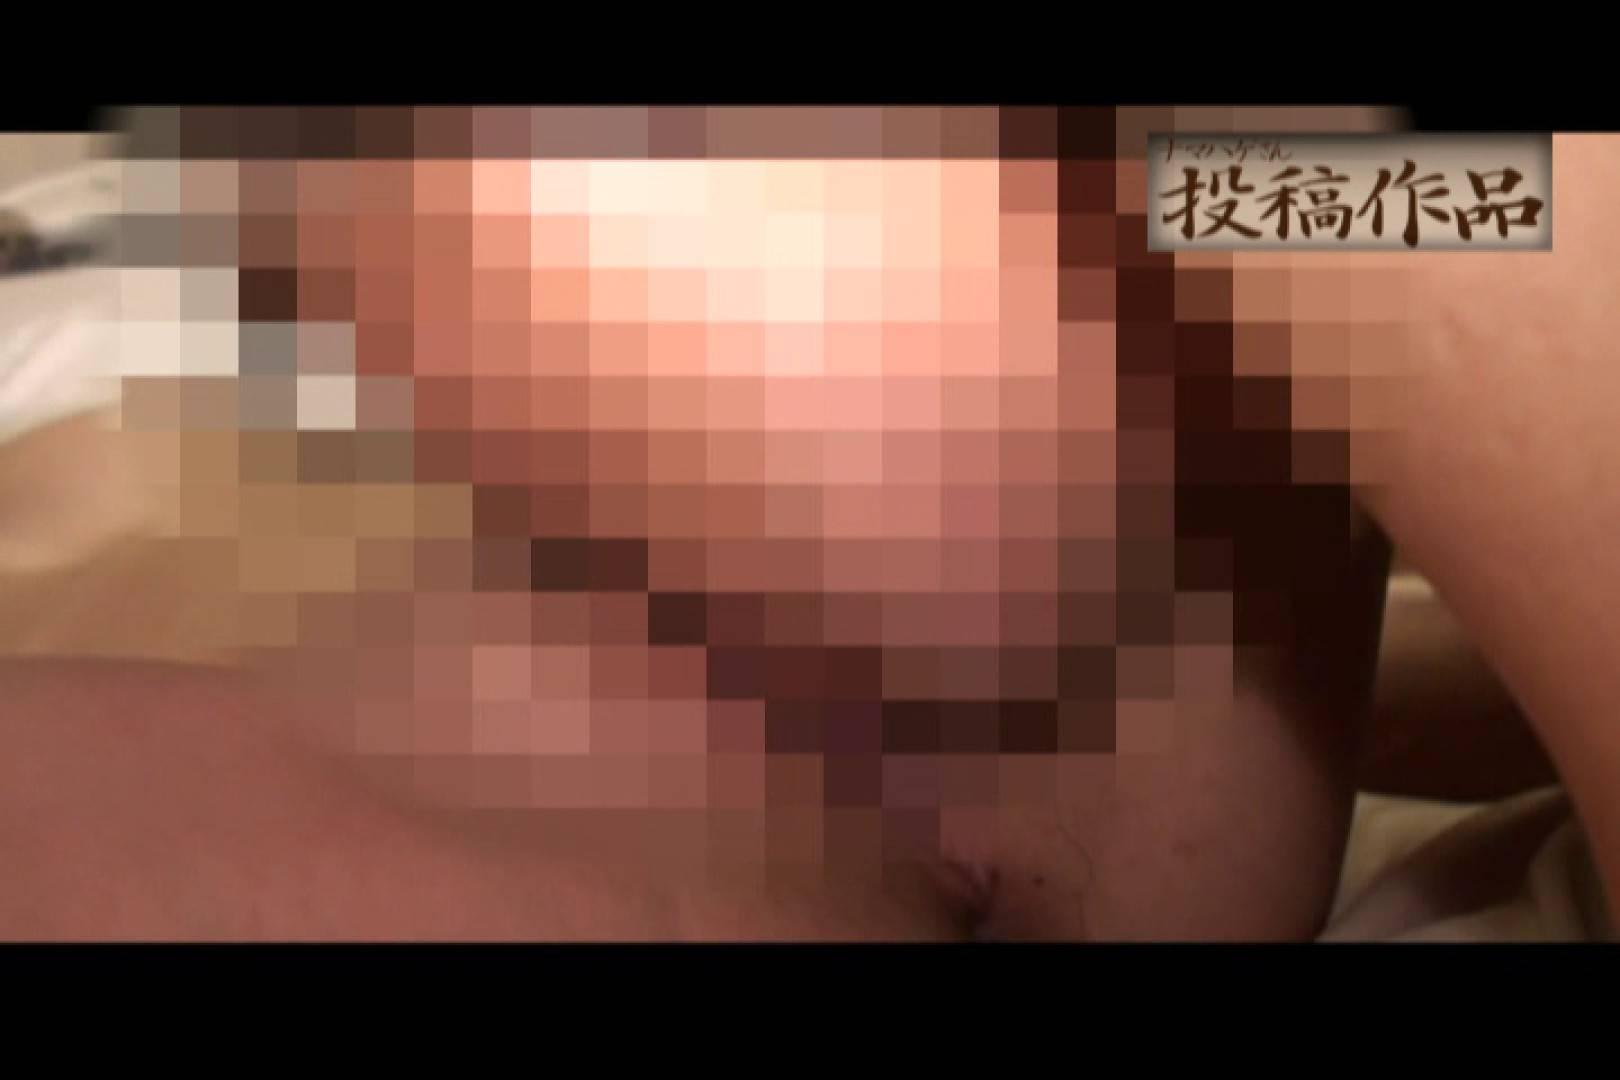 ナマハゲさんのまんこコレクションmayumi02 パイパン映像  106pic 16